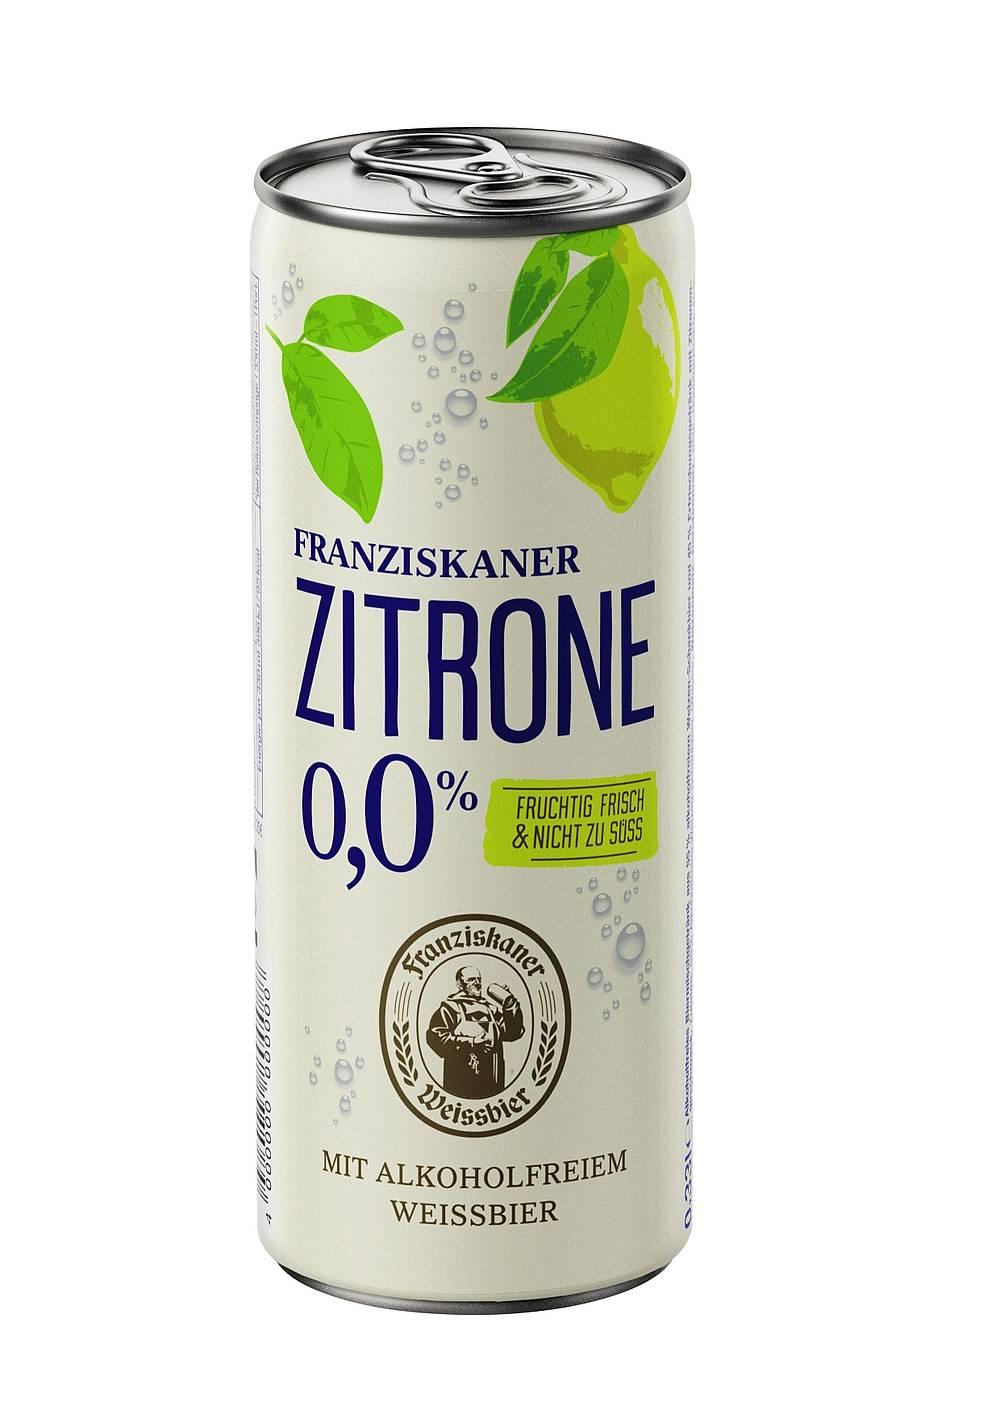 Franziskaner 0,0: Nur Dose | inside Getränke - Informationen aus dem ...